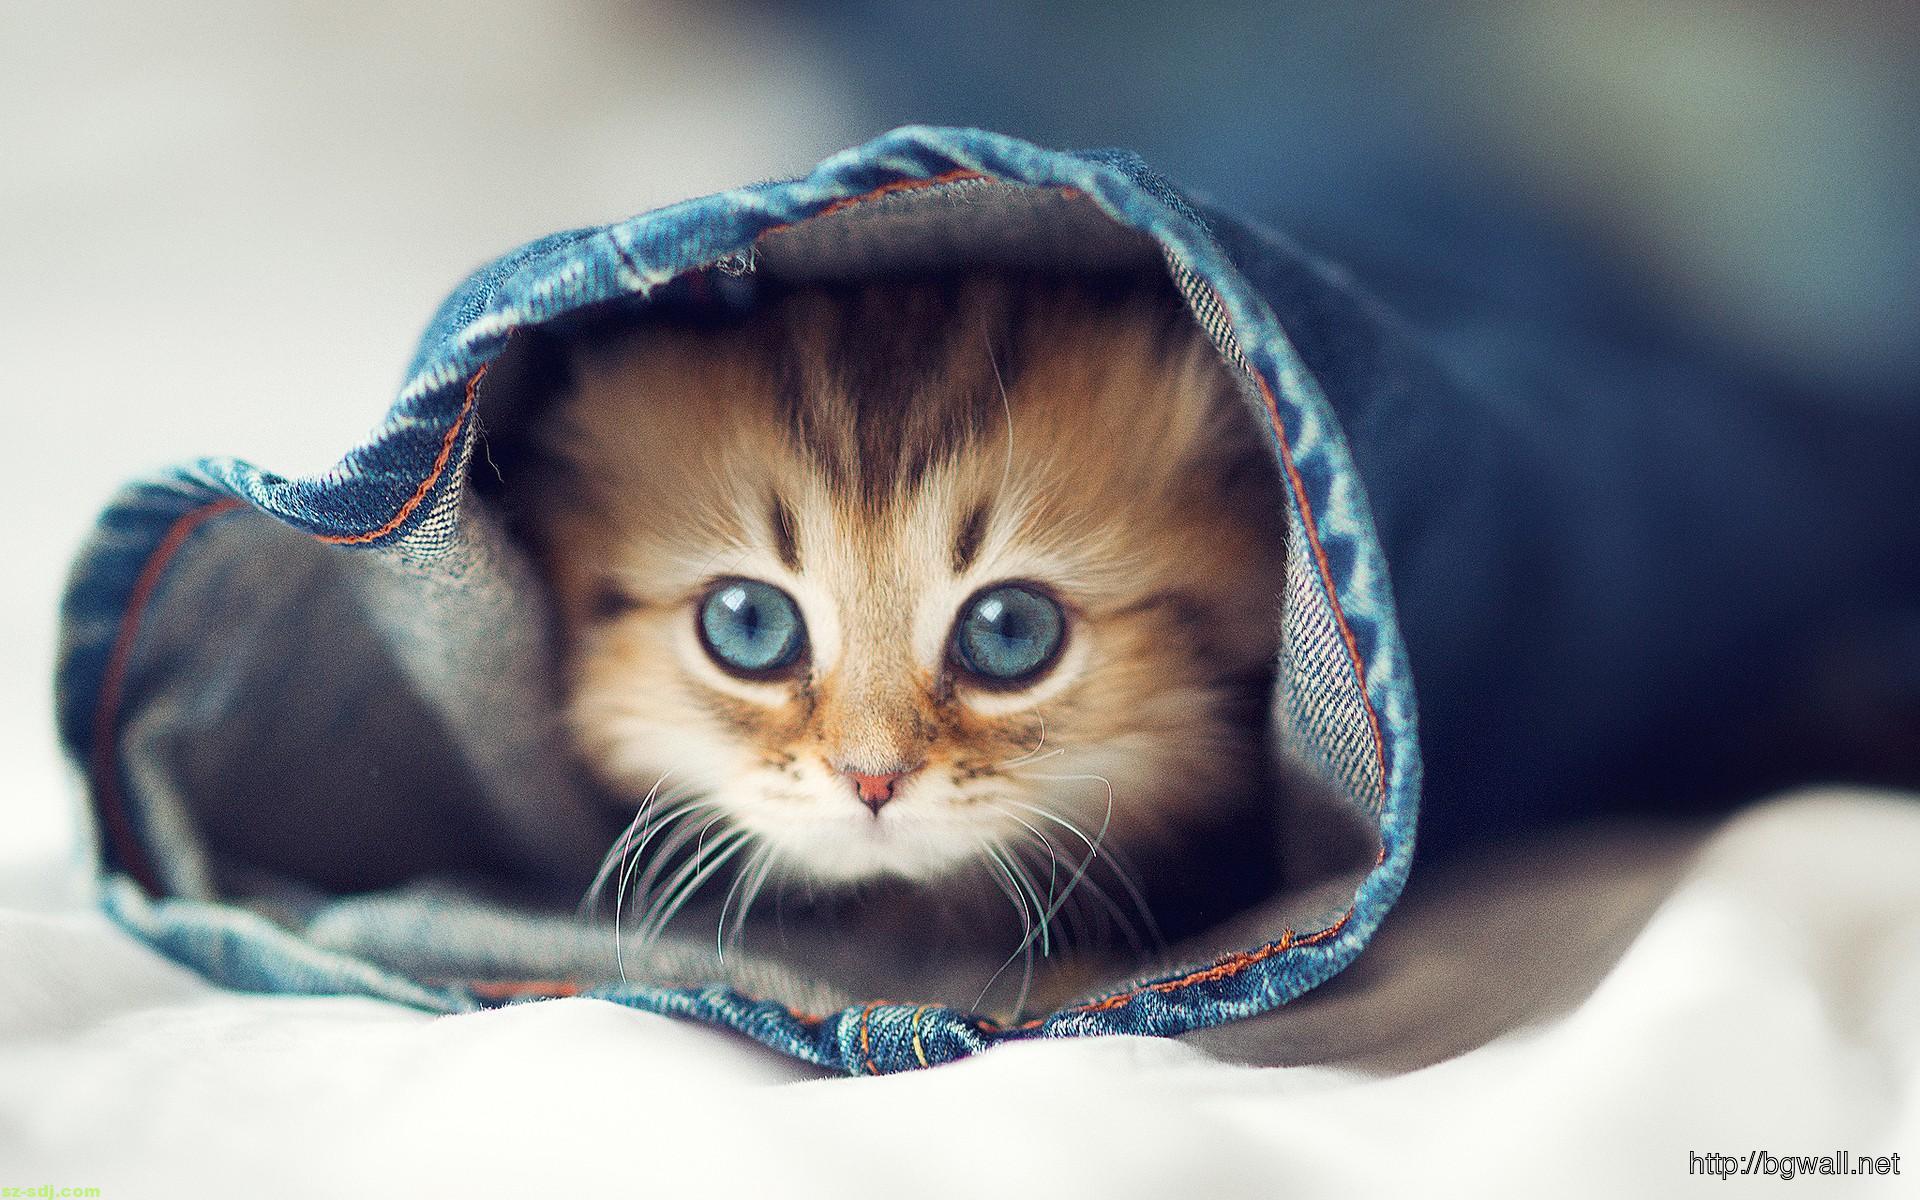 Cute Kitten Hd Wallpaper Picture